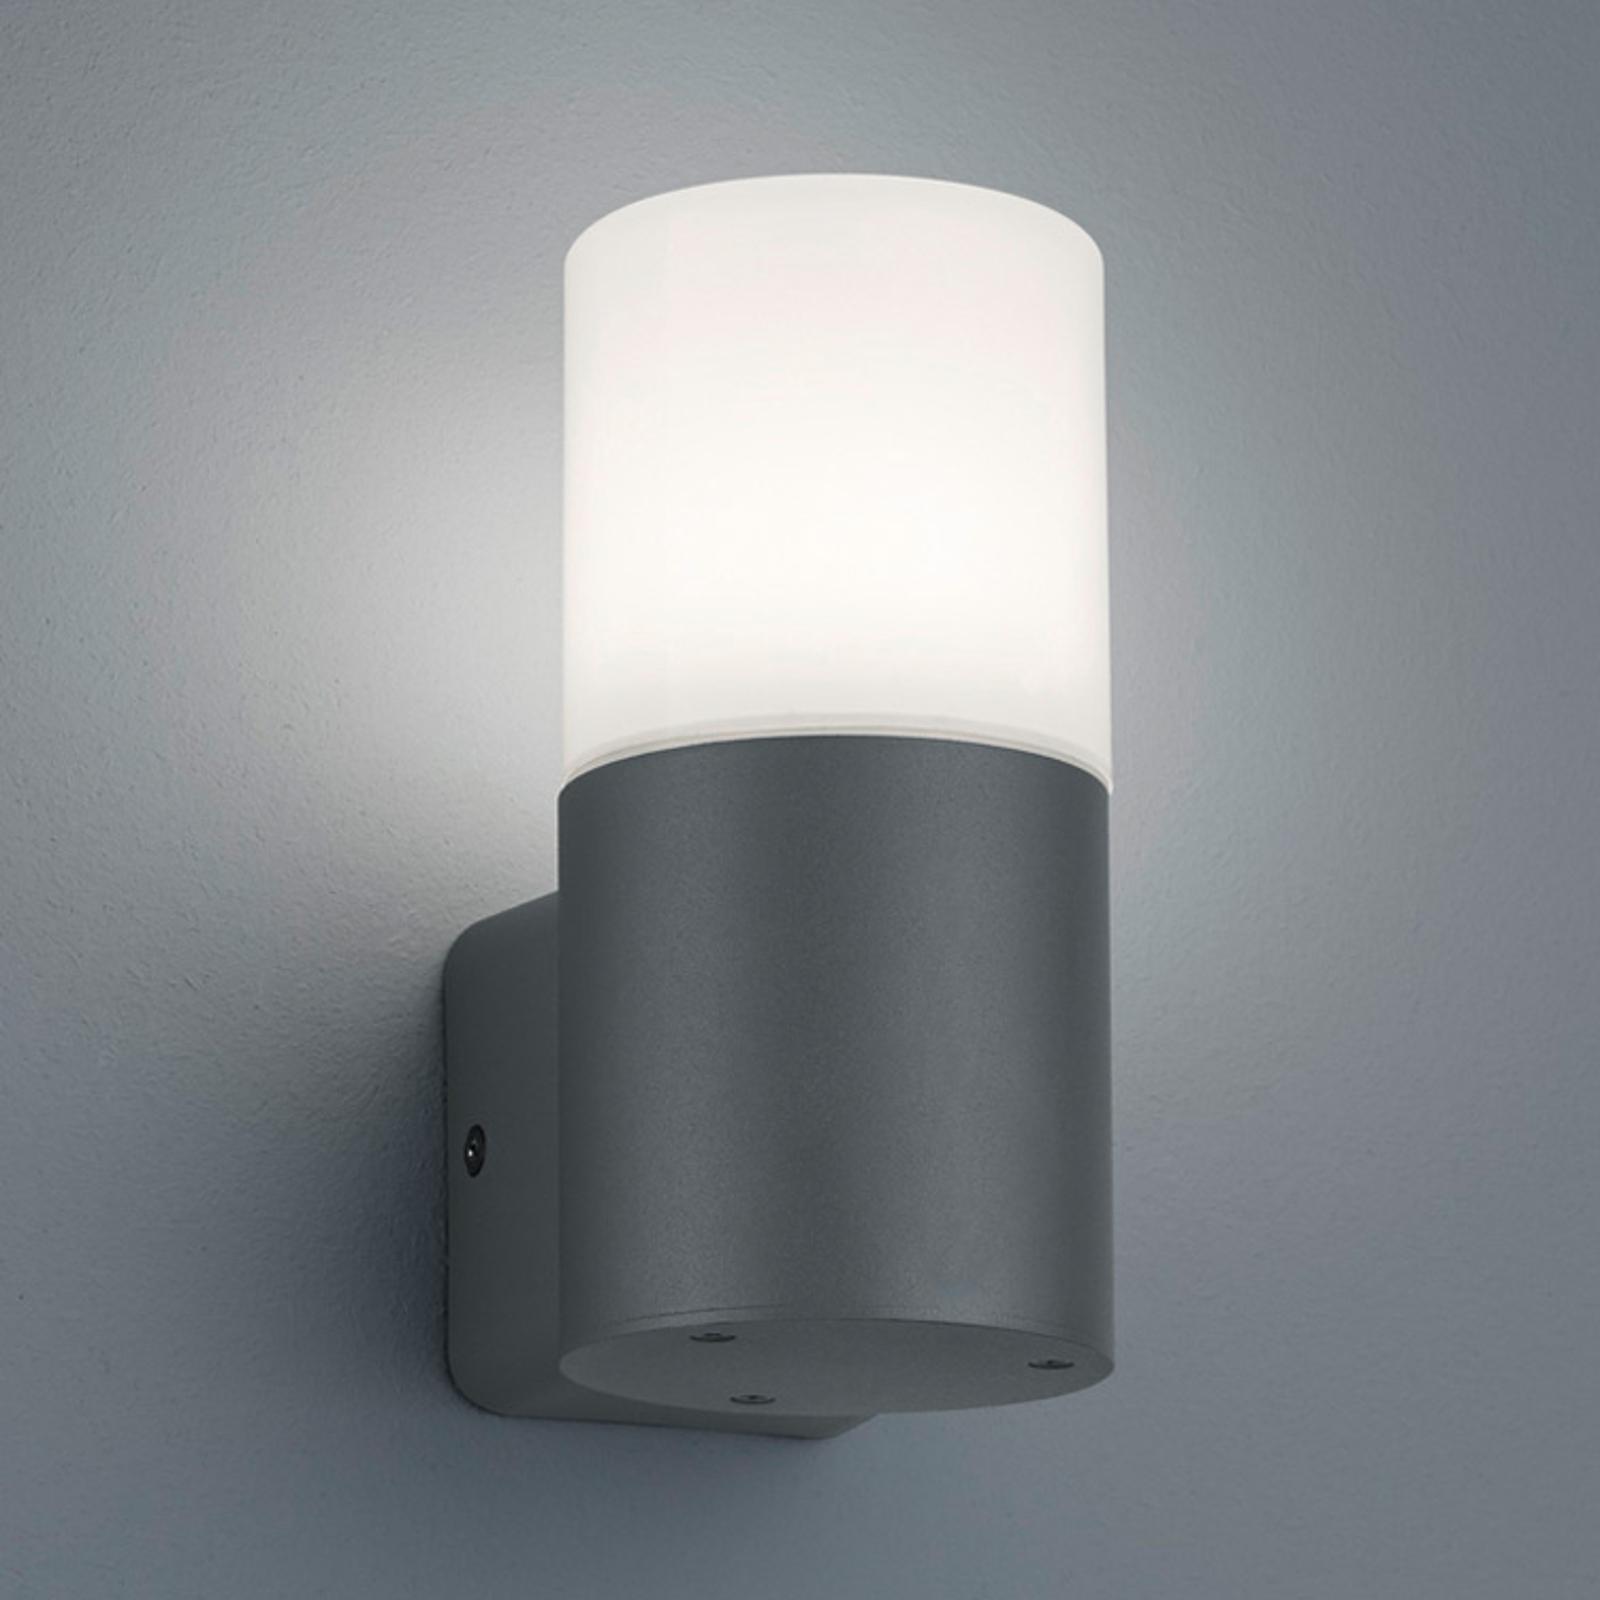 Buitenwandlamp Hoosic 1-lamp, antraciet